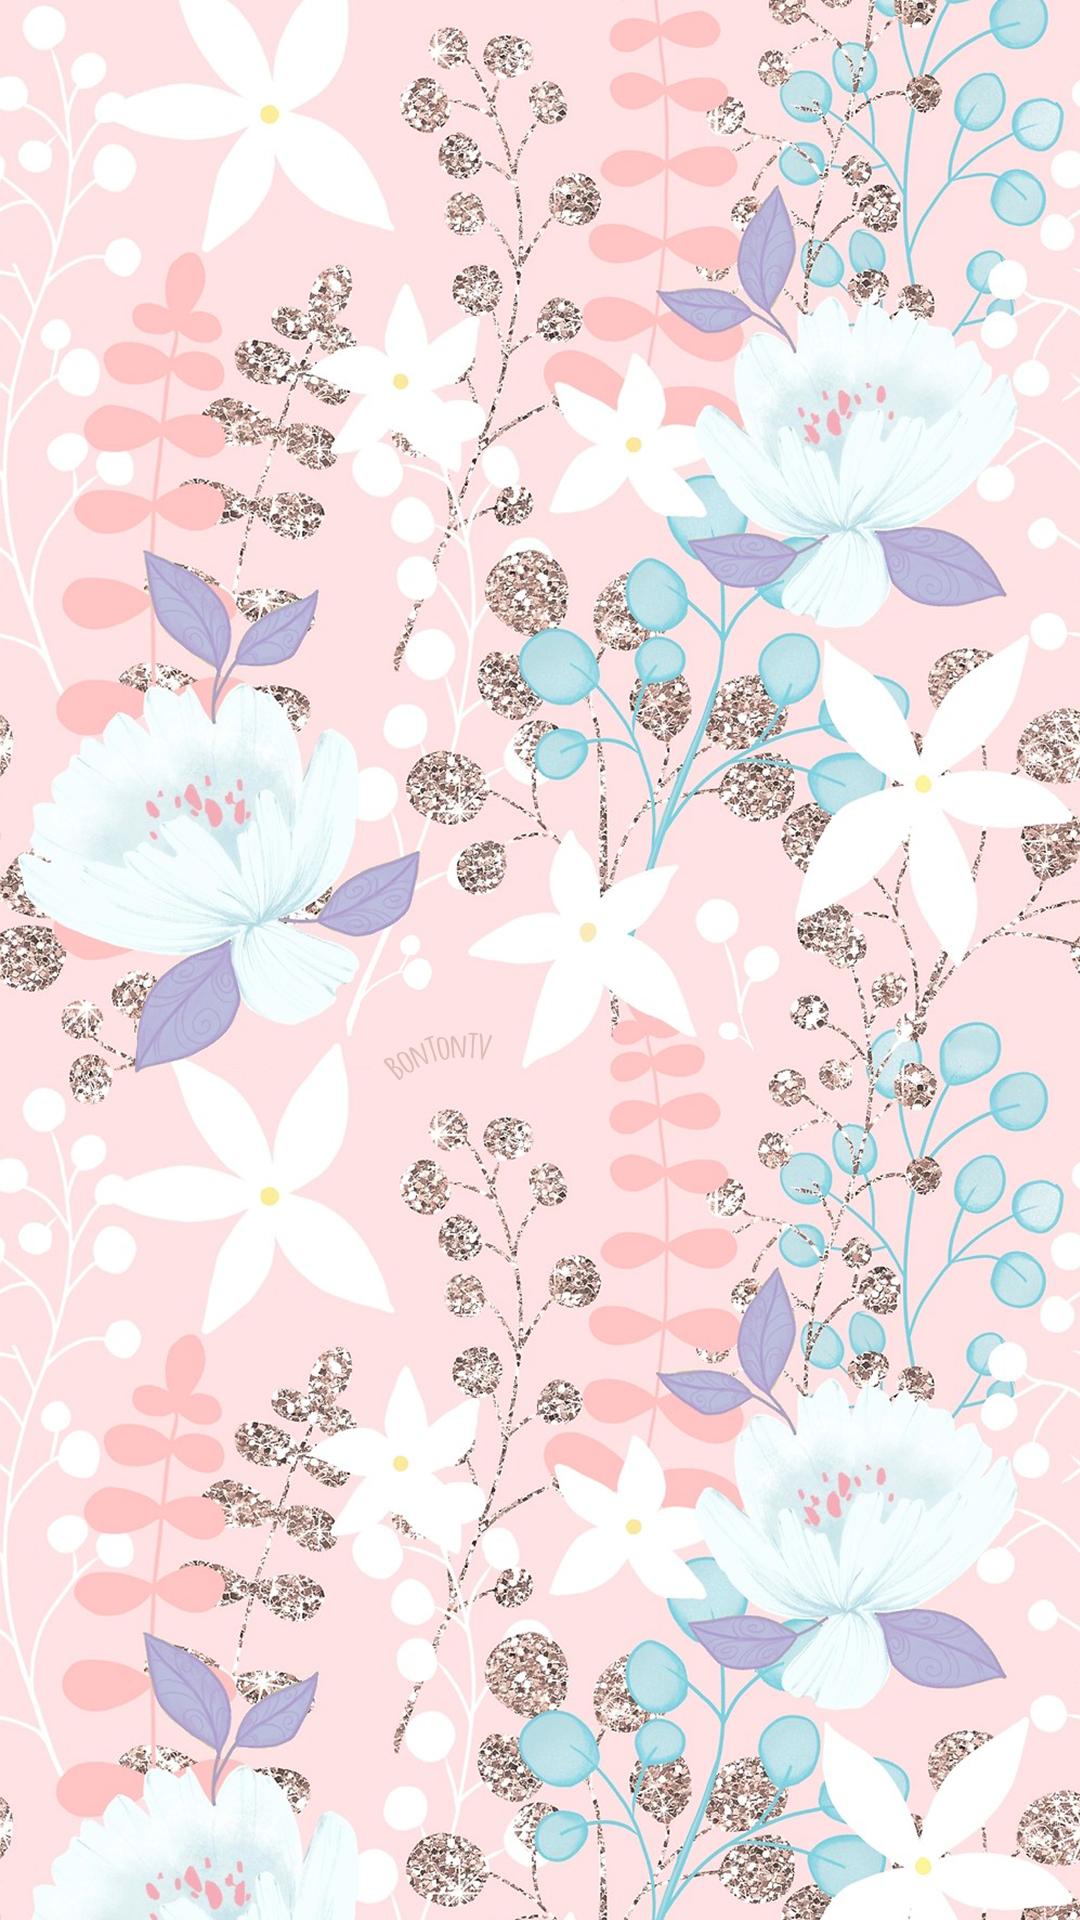 Telefono Fondos Hd Por Bonton Tv Free Download 1080x1920 Fondos Iphone Fondos De A Flower Background Wallpaper Flower Wallpaper Artsy Wallpaper Iphone